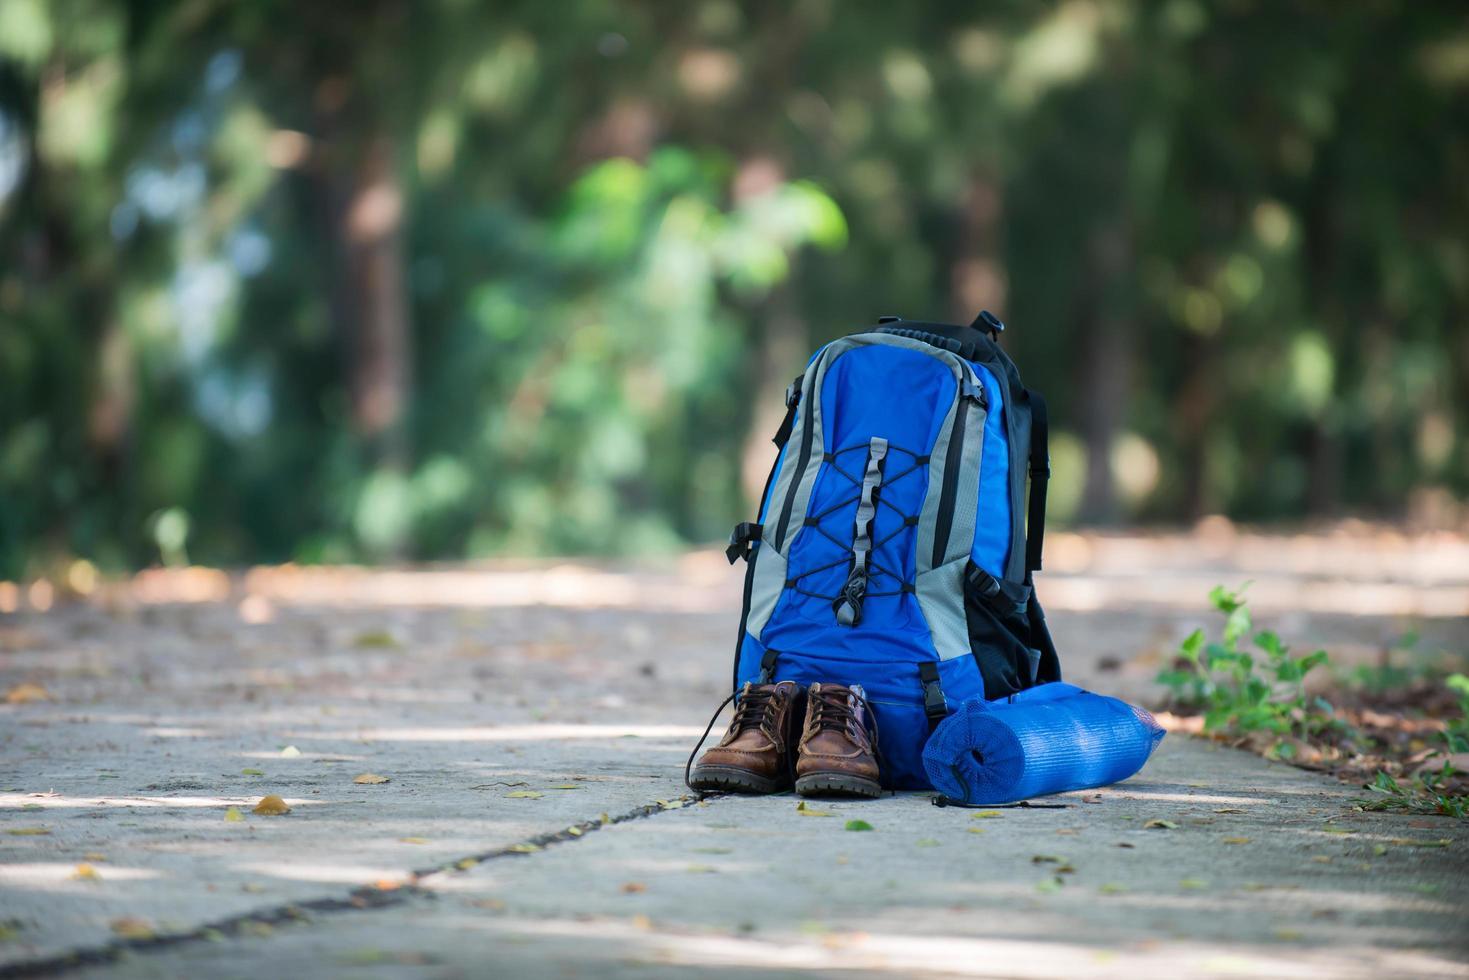 sac à dos et chaussures les routards se reposent sur la route lors d'une randonnée. photo